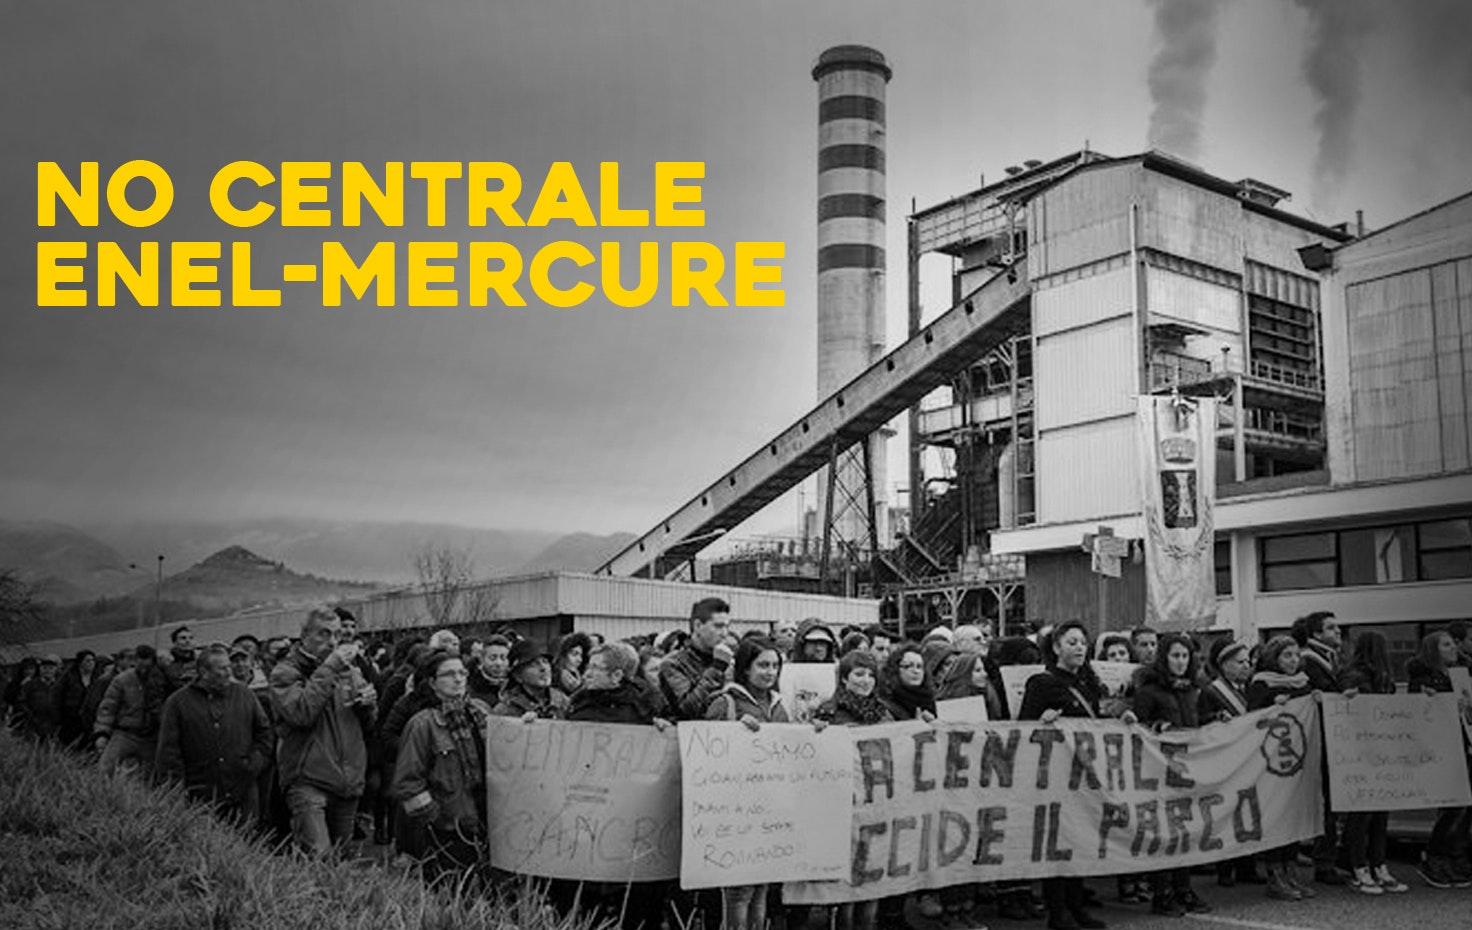 NO CENTRALE ENEL-MERCURE